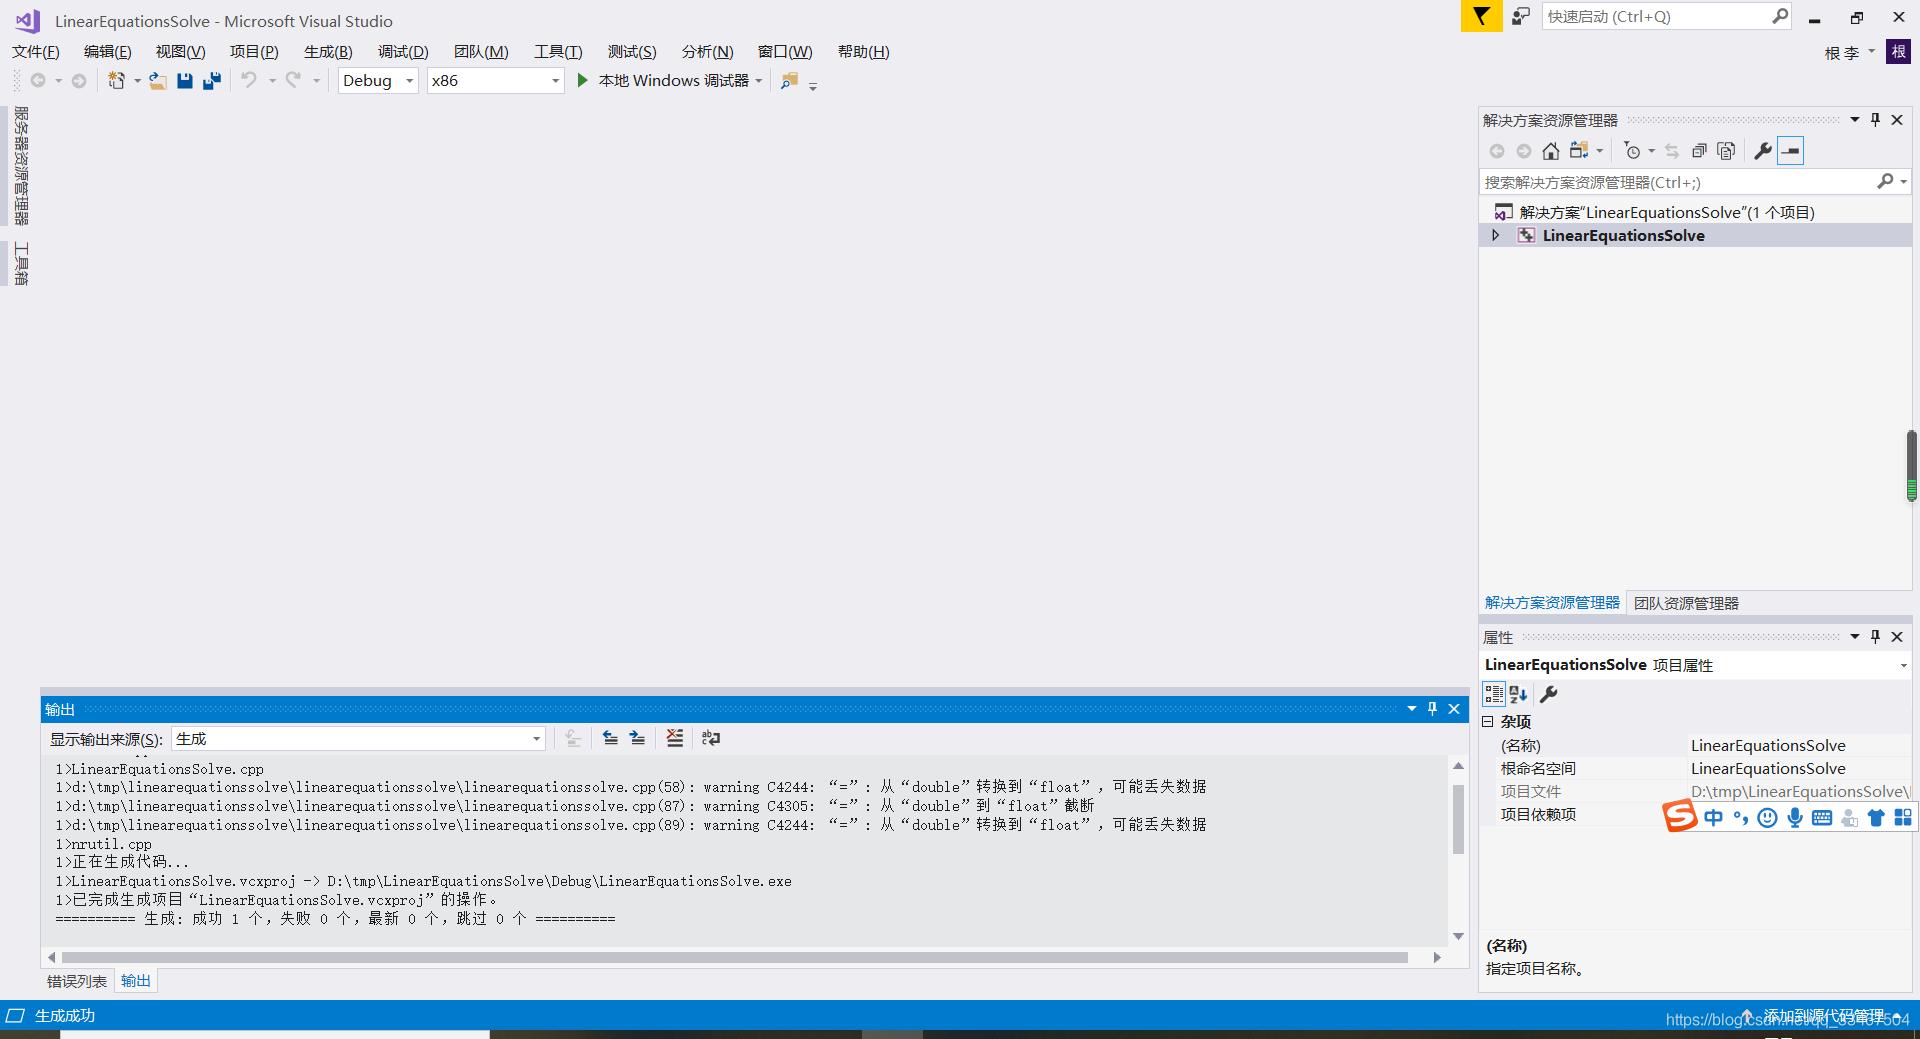 使用快捷键Ctrl + shift进行调试运行